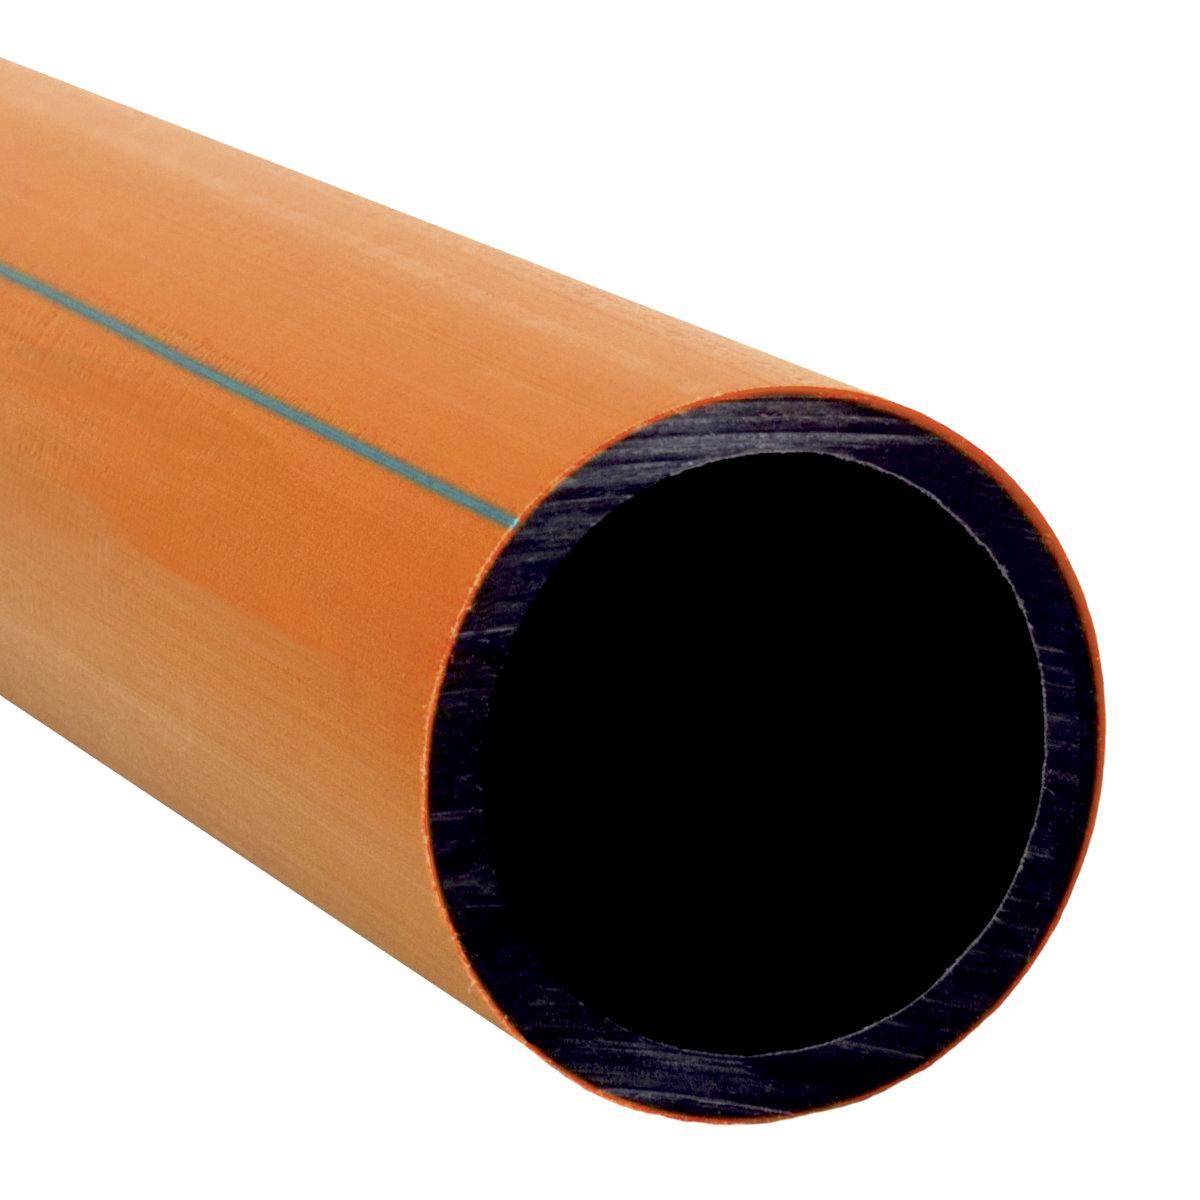 06040_ARGS1 Труба для захисту оптично-волоконного кабелю HDPE (помаранчевий/чорний)